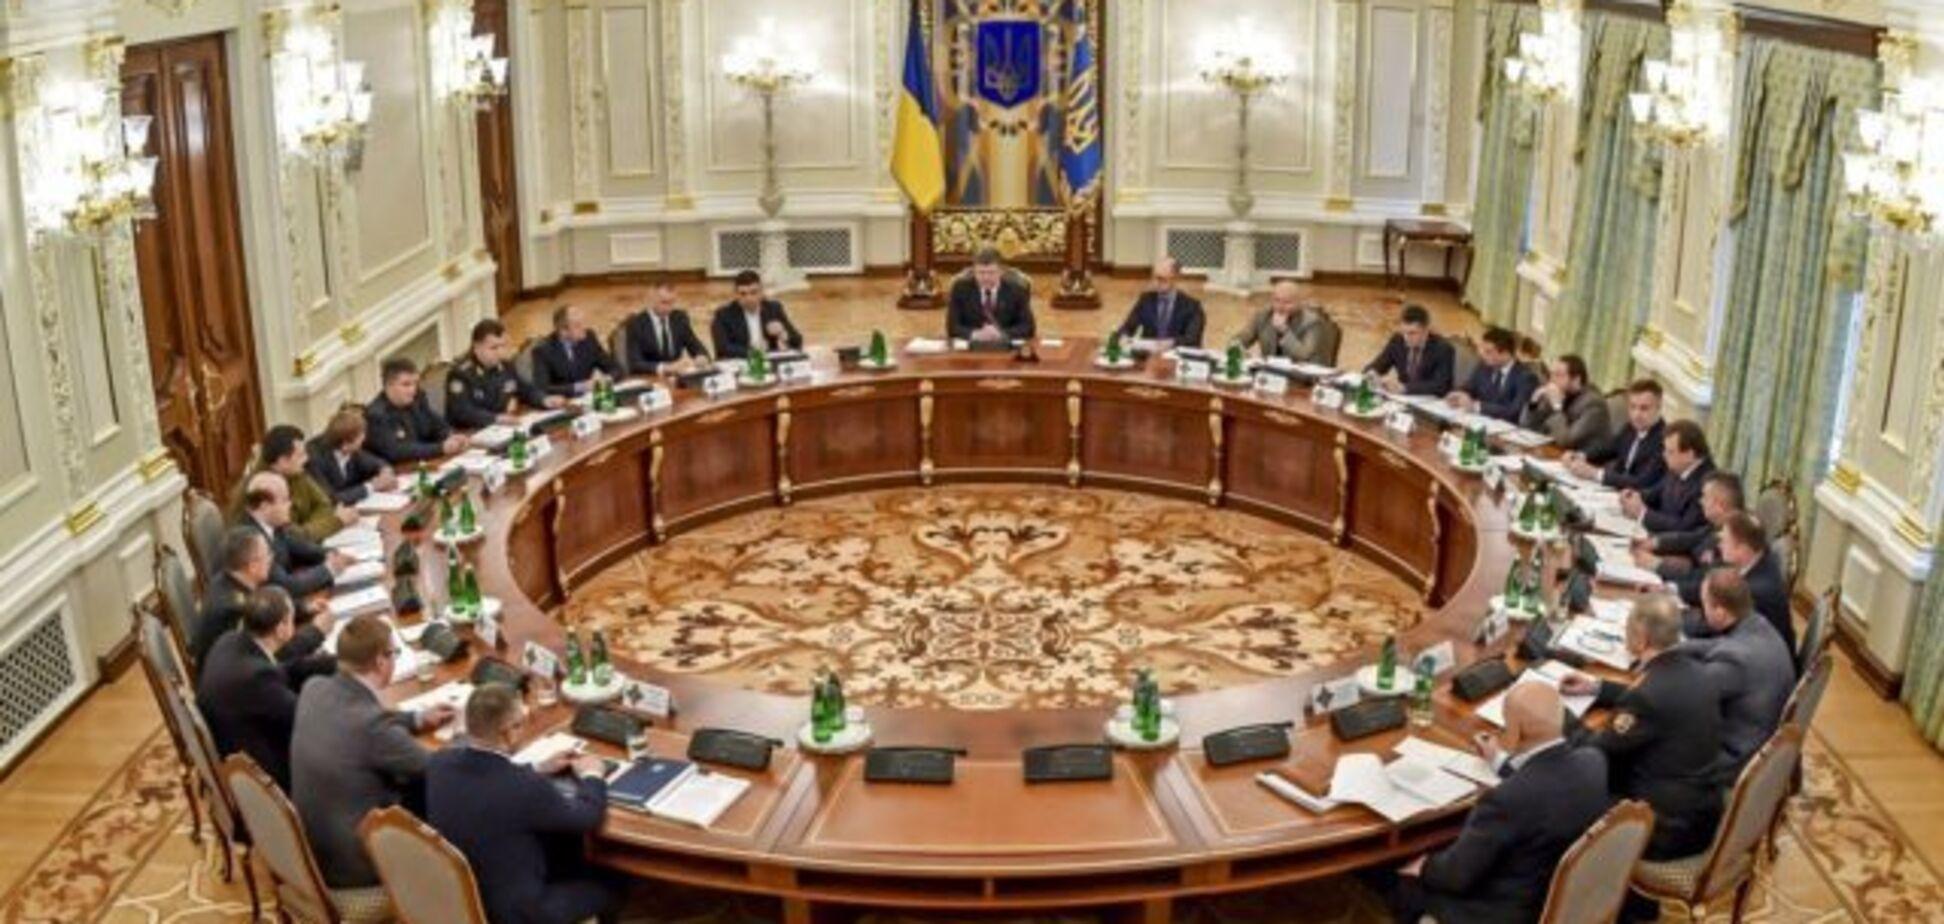 Военное положение в Украине: Порошенко сделал заявление